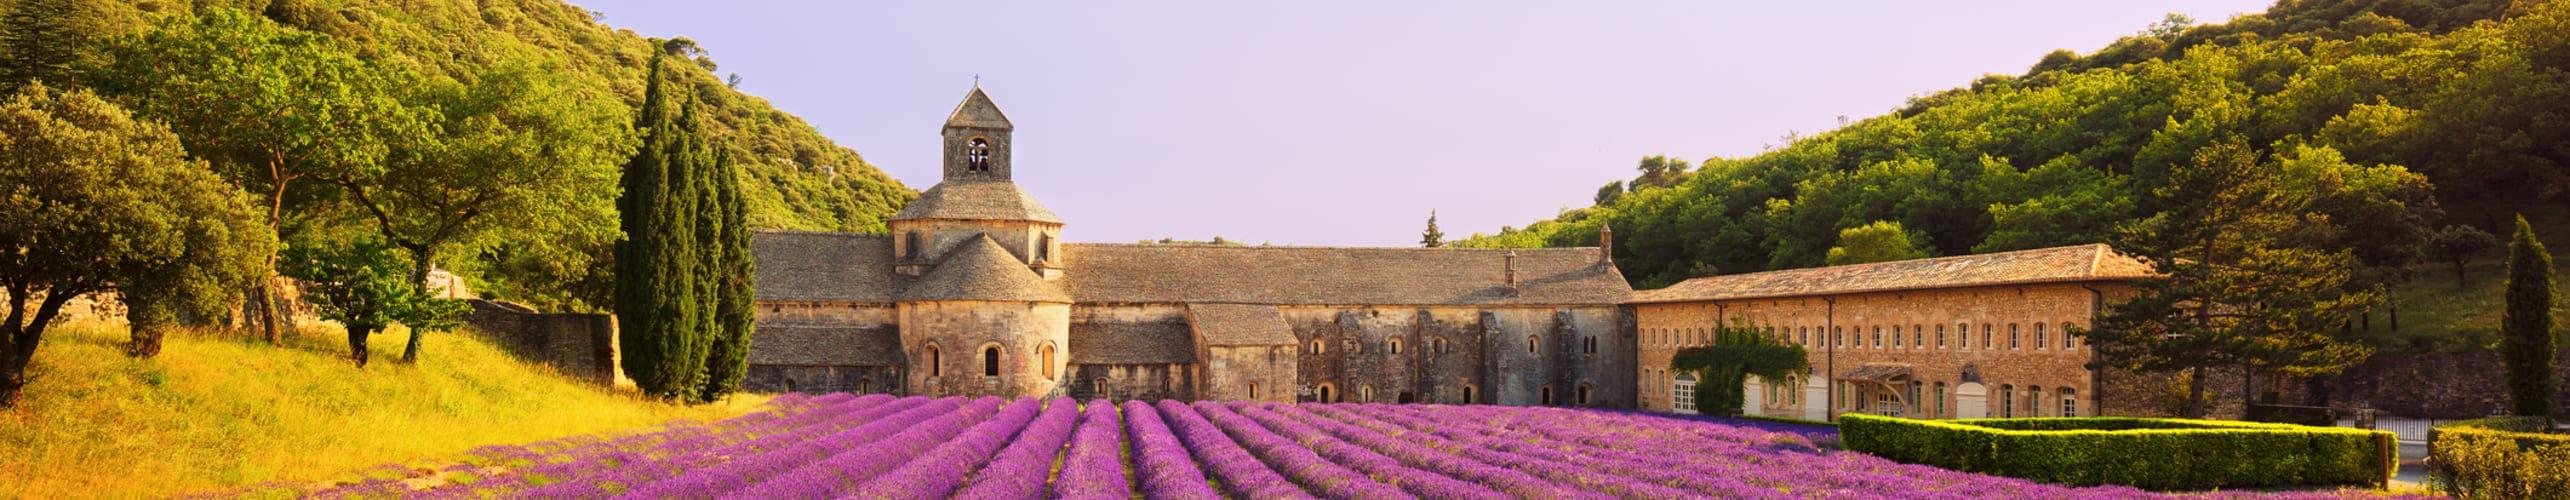 Plateau de lavandes et mas provençal